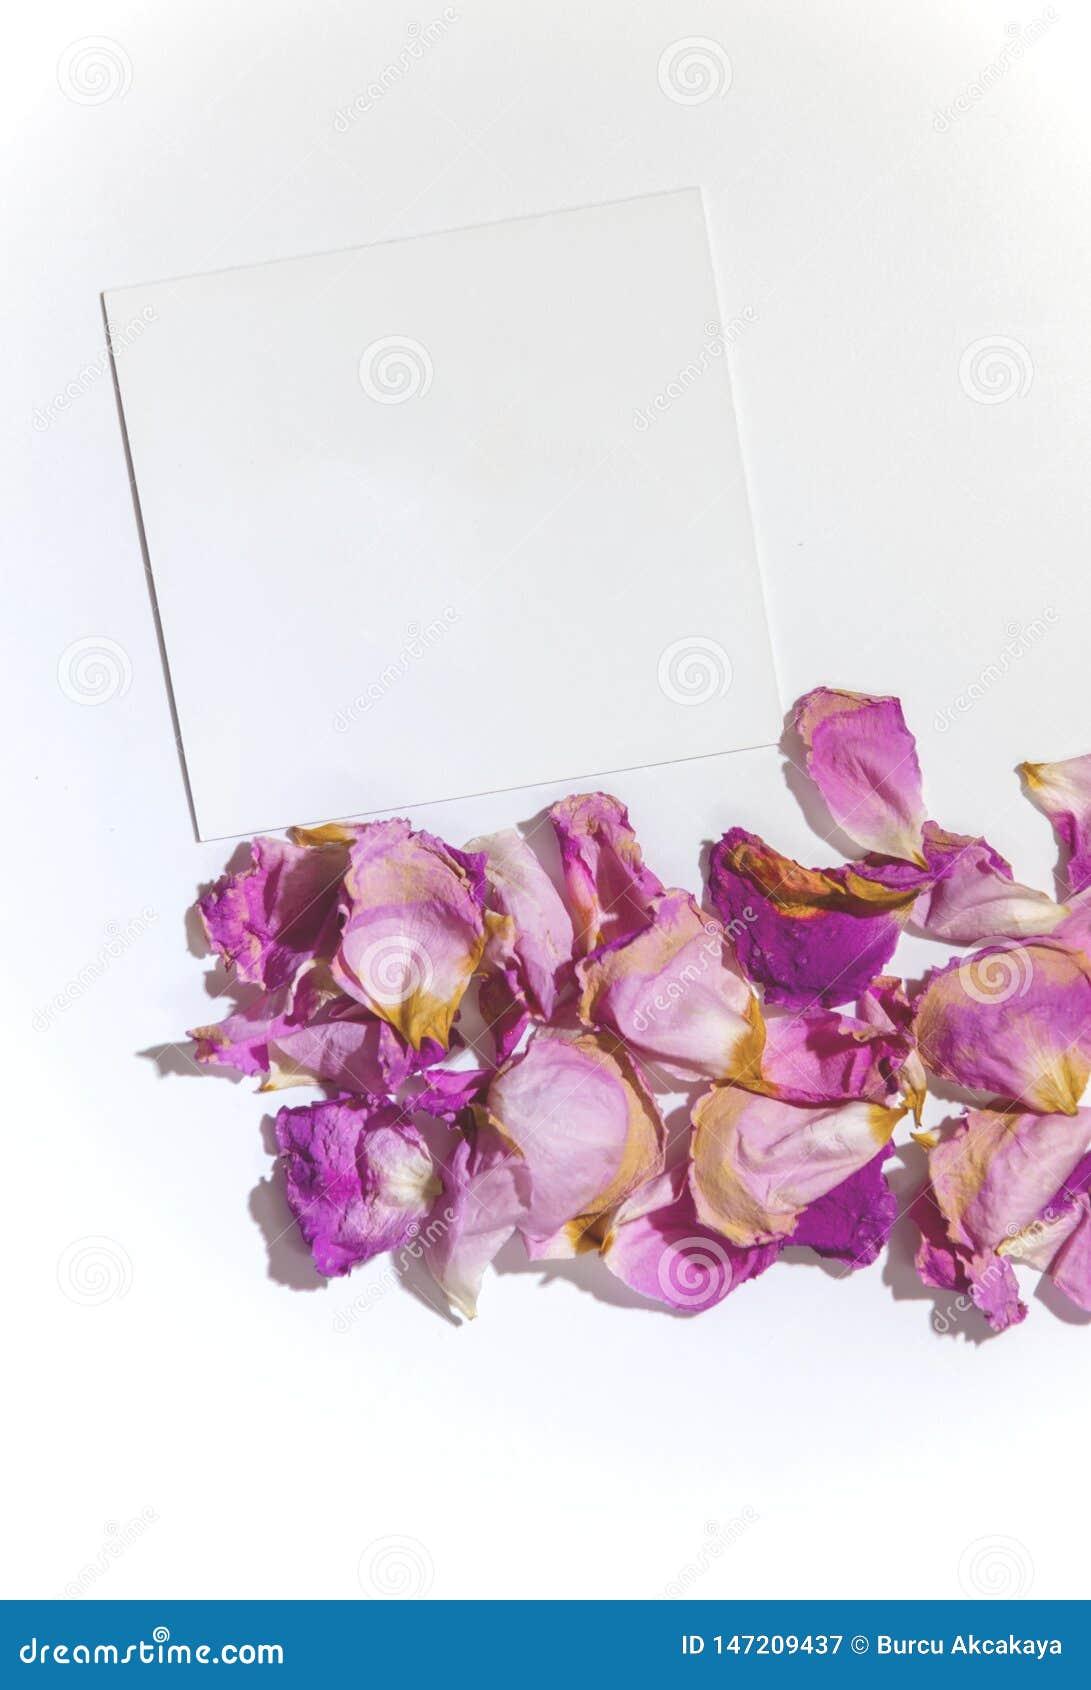 Rosa e pétalas cor-de-rosa roxas em um fundo branco com um cartão vazio para um texto, isolado